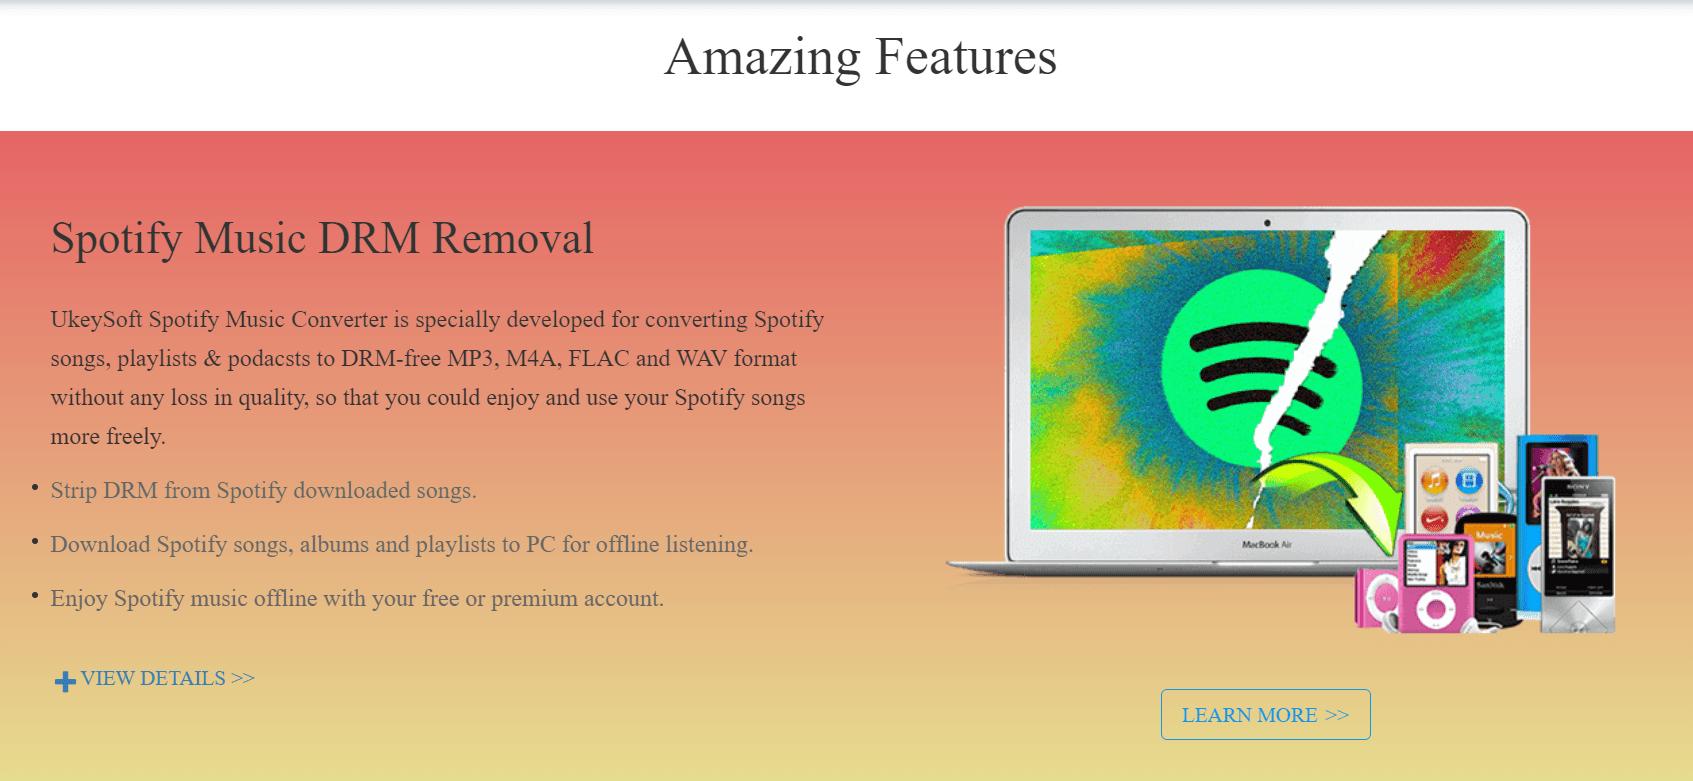 UkeySoft Spotify Music Converter DRM